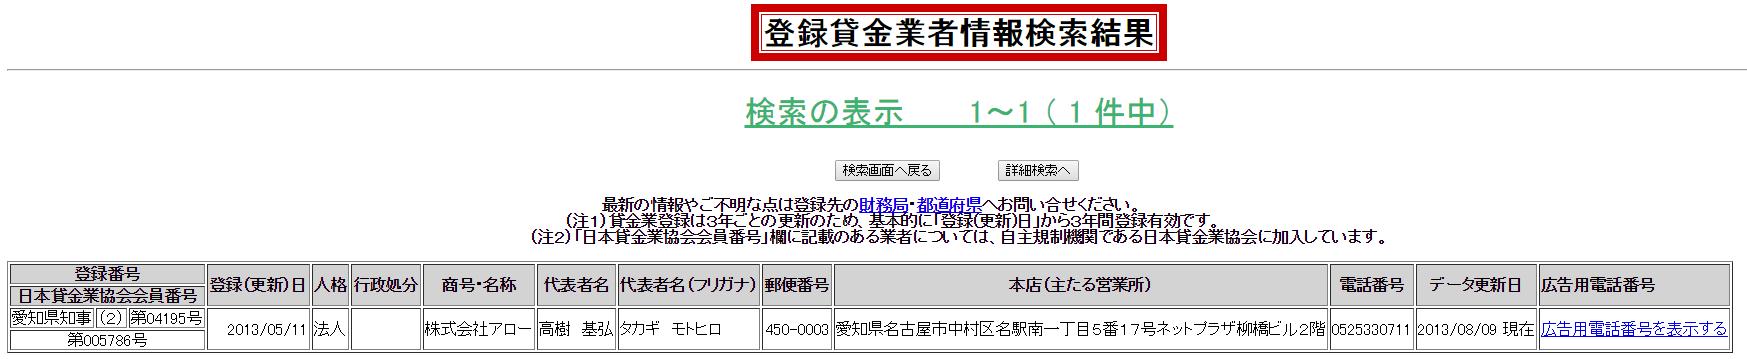 アローの登録情報